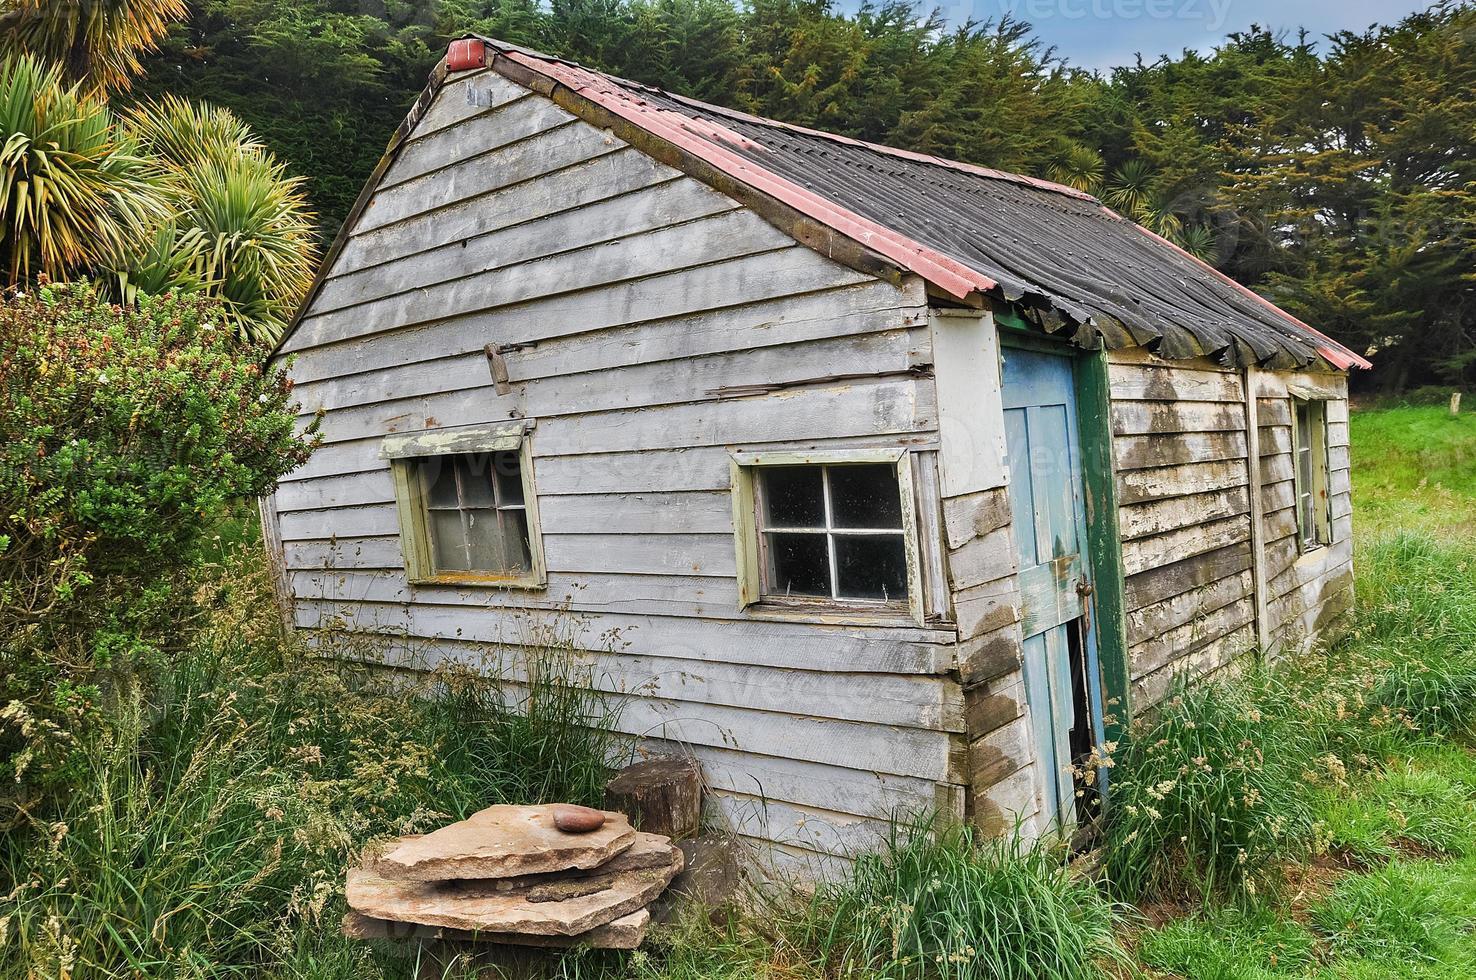 vecchia capanna di legno stagionata nel bosco foto